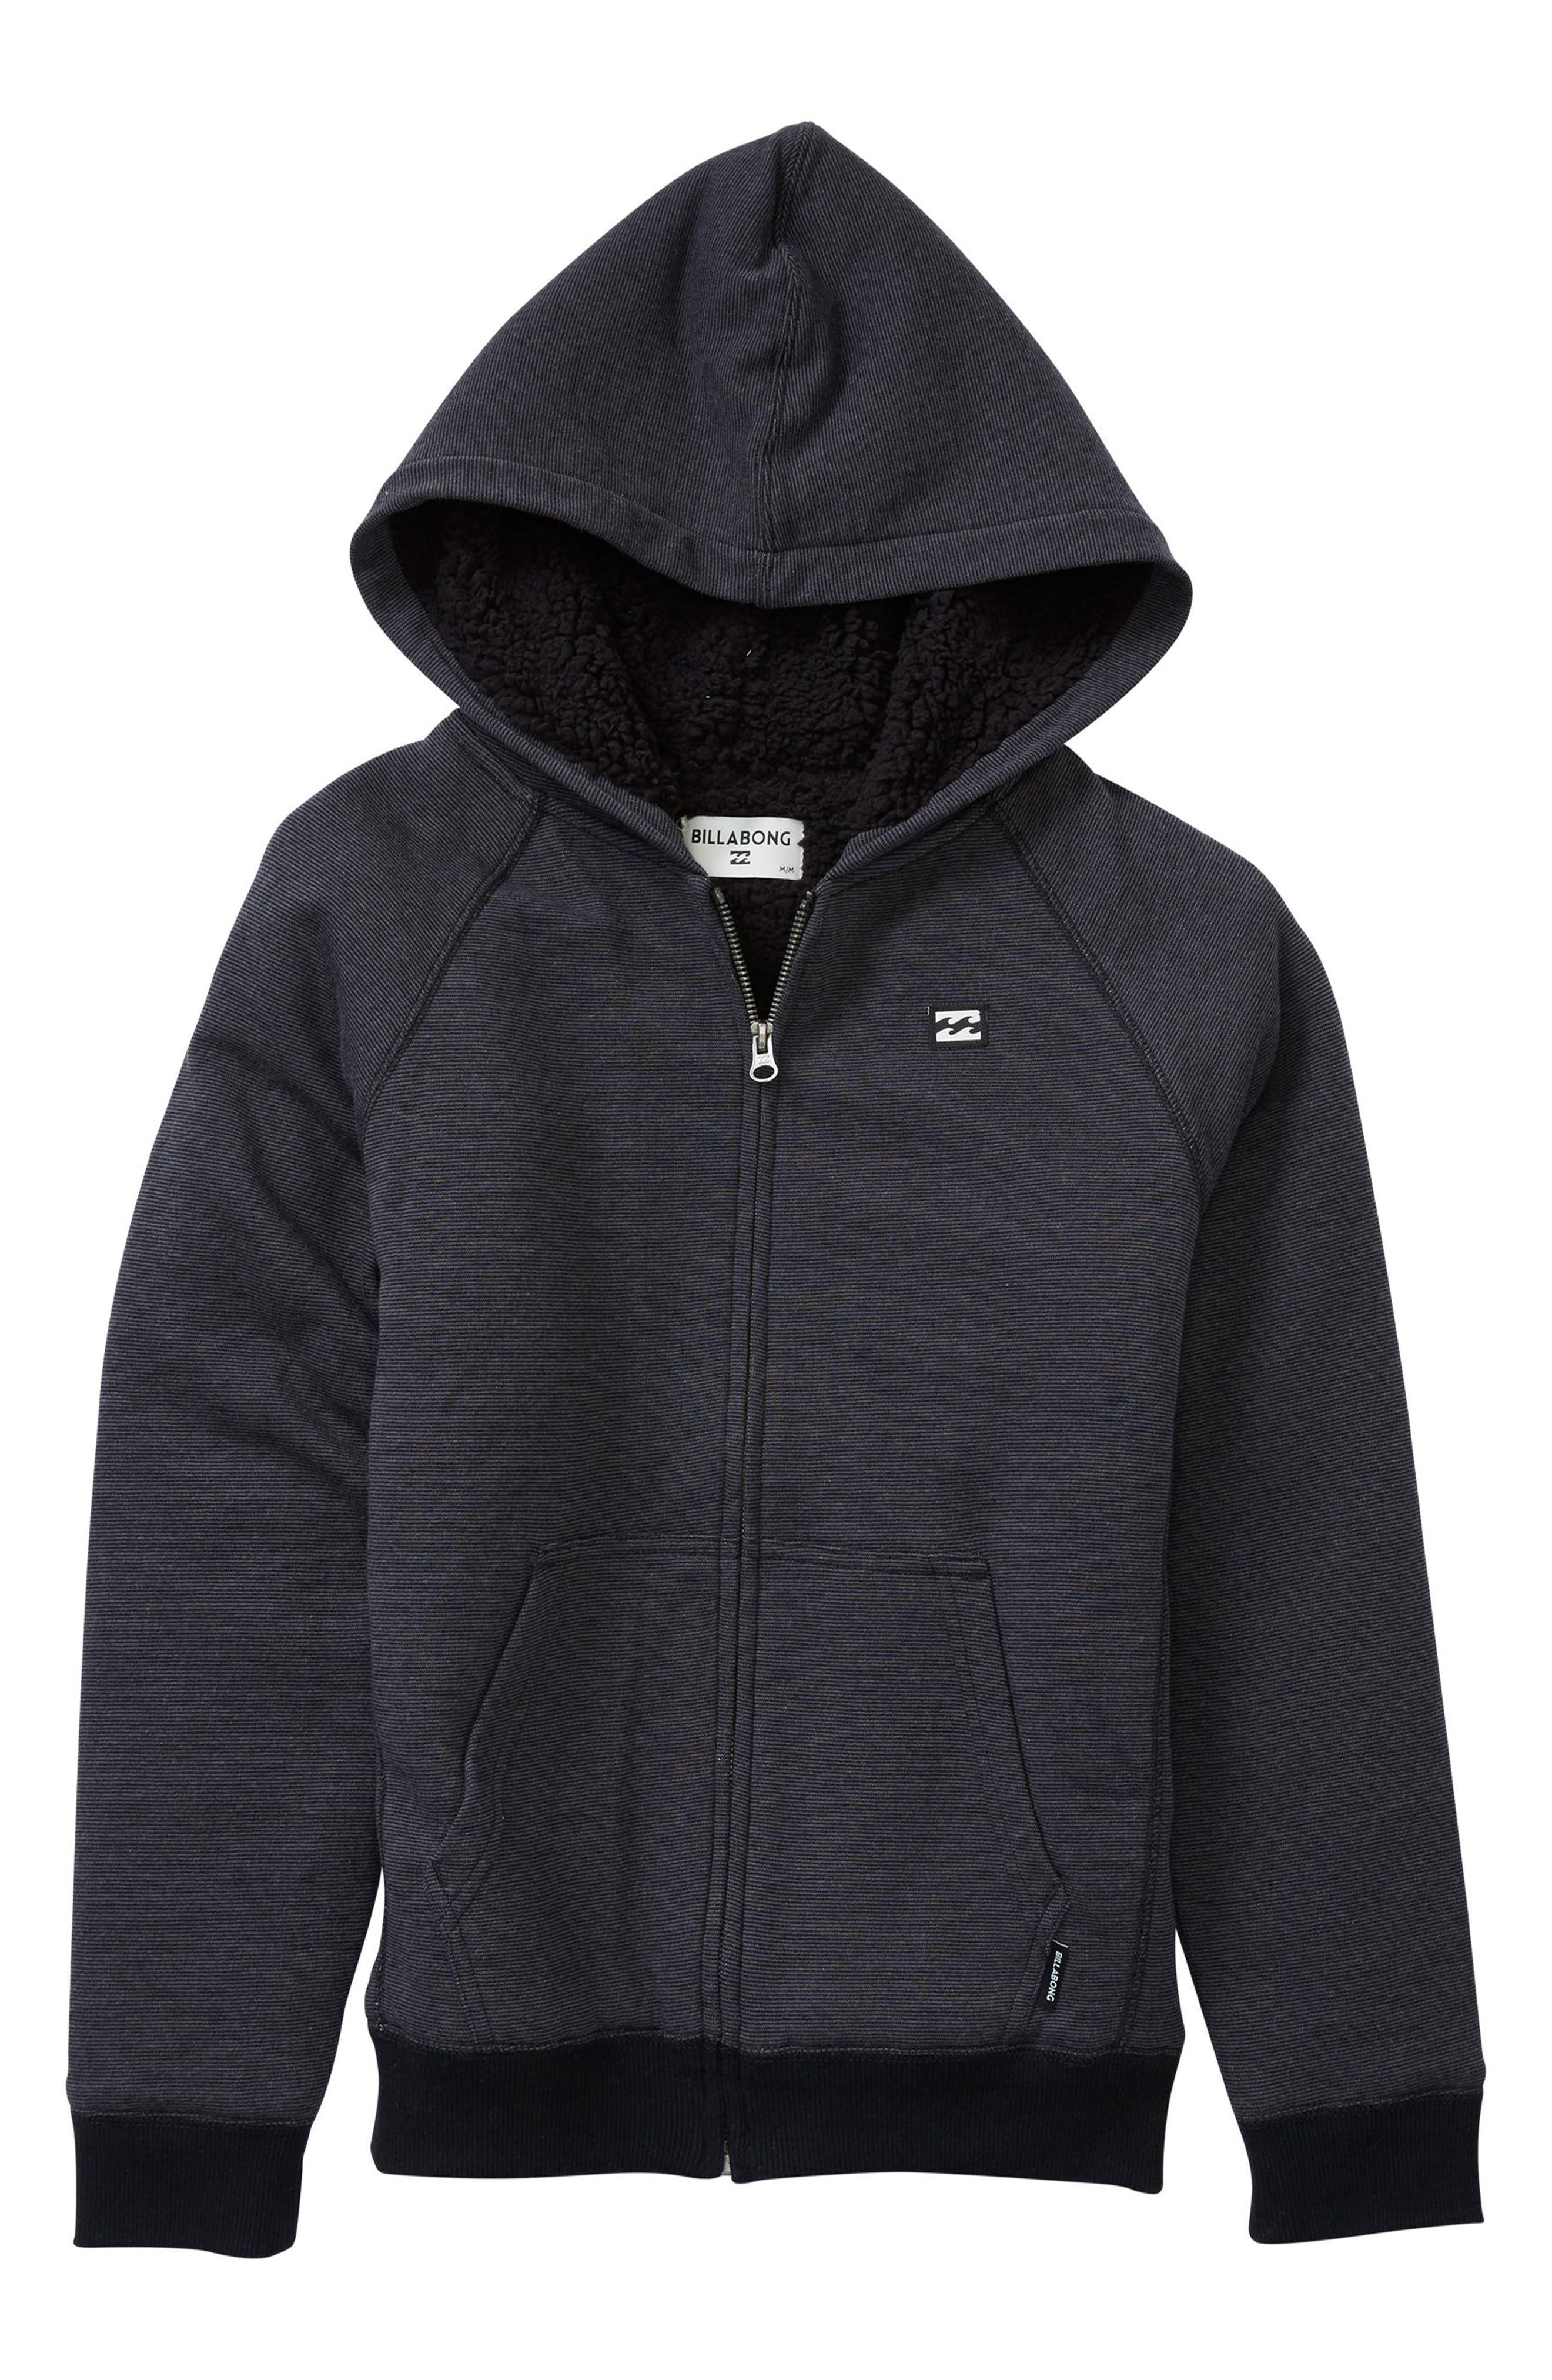 Main Image - Billabong Balance Fleece Lined Zip Hoodie (Toddler Boys & Little Boys)